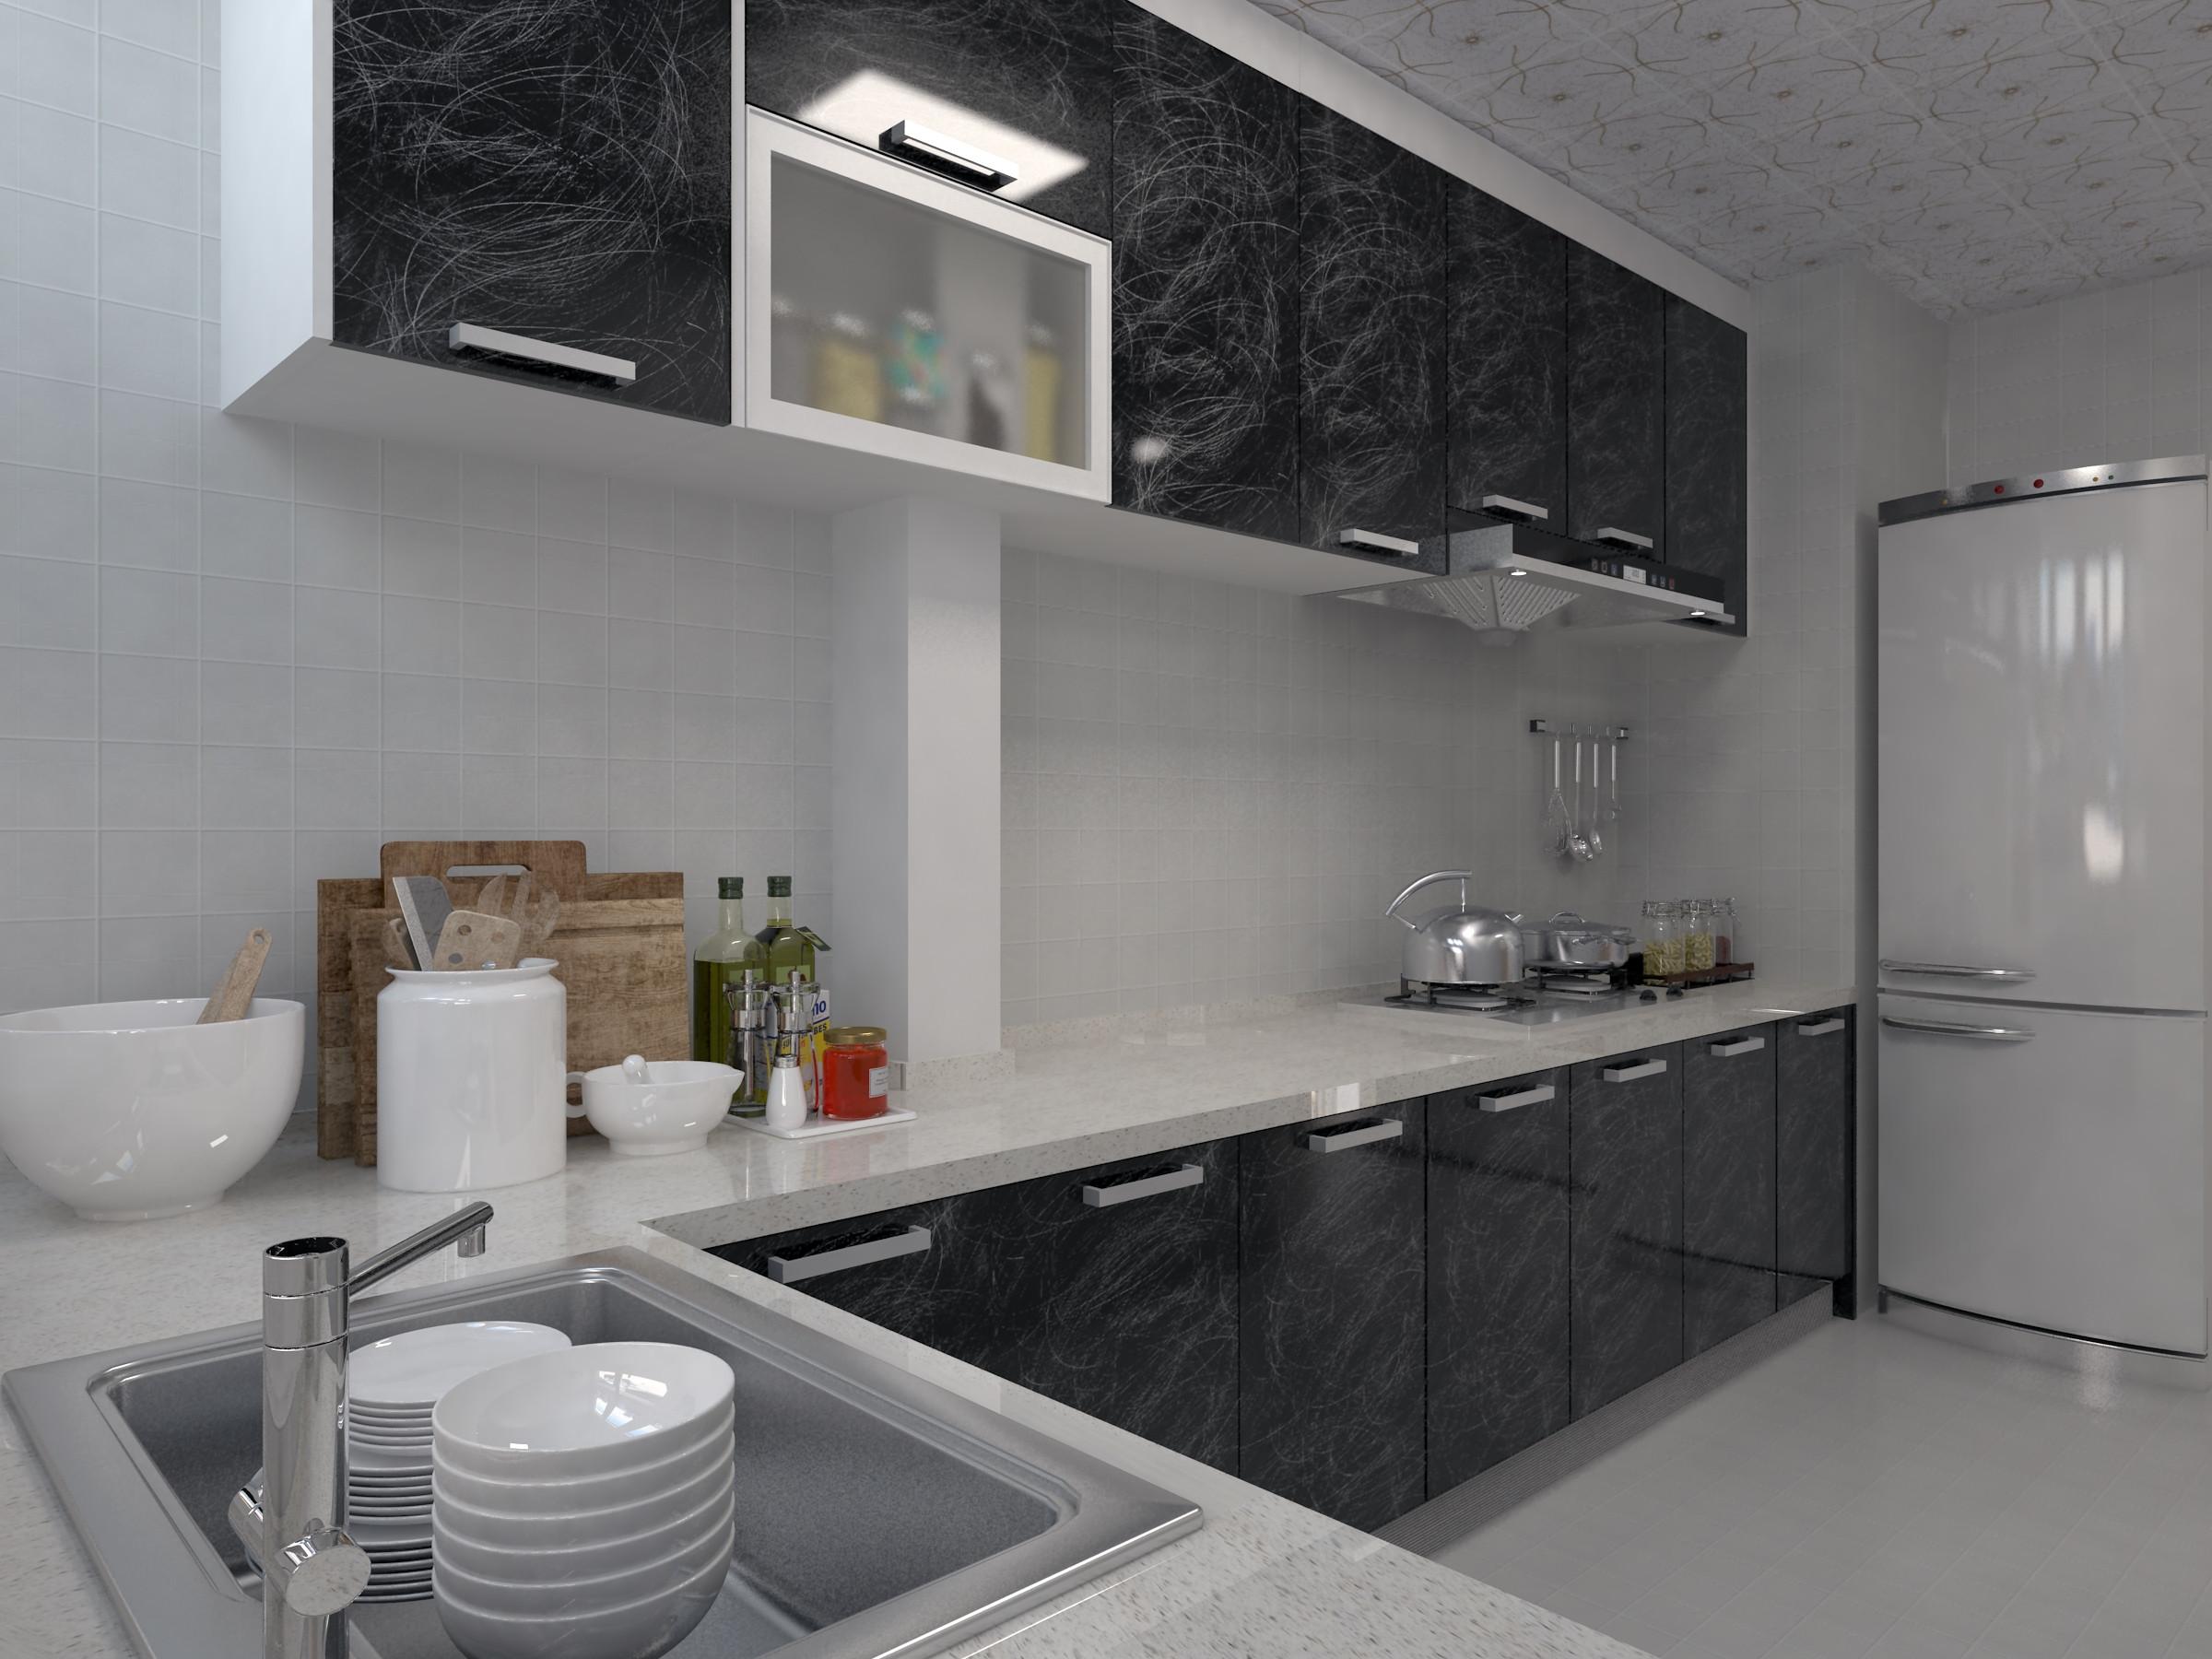 130㎡简约装修厨房构造图